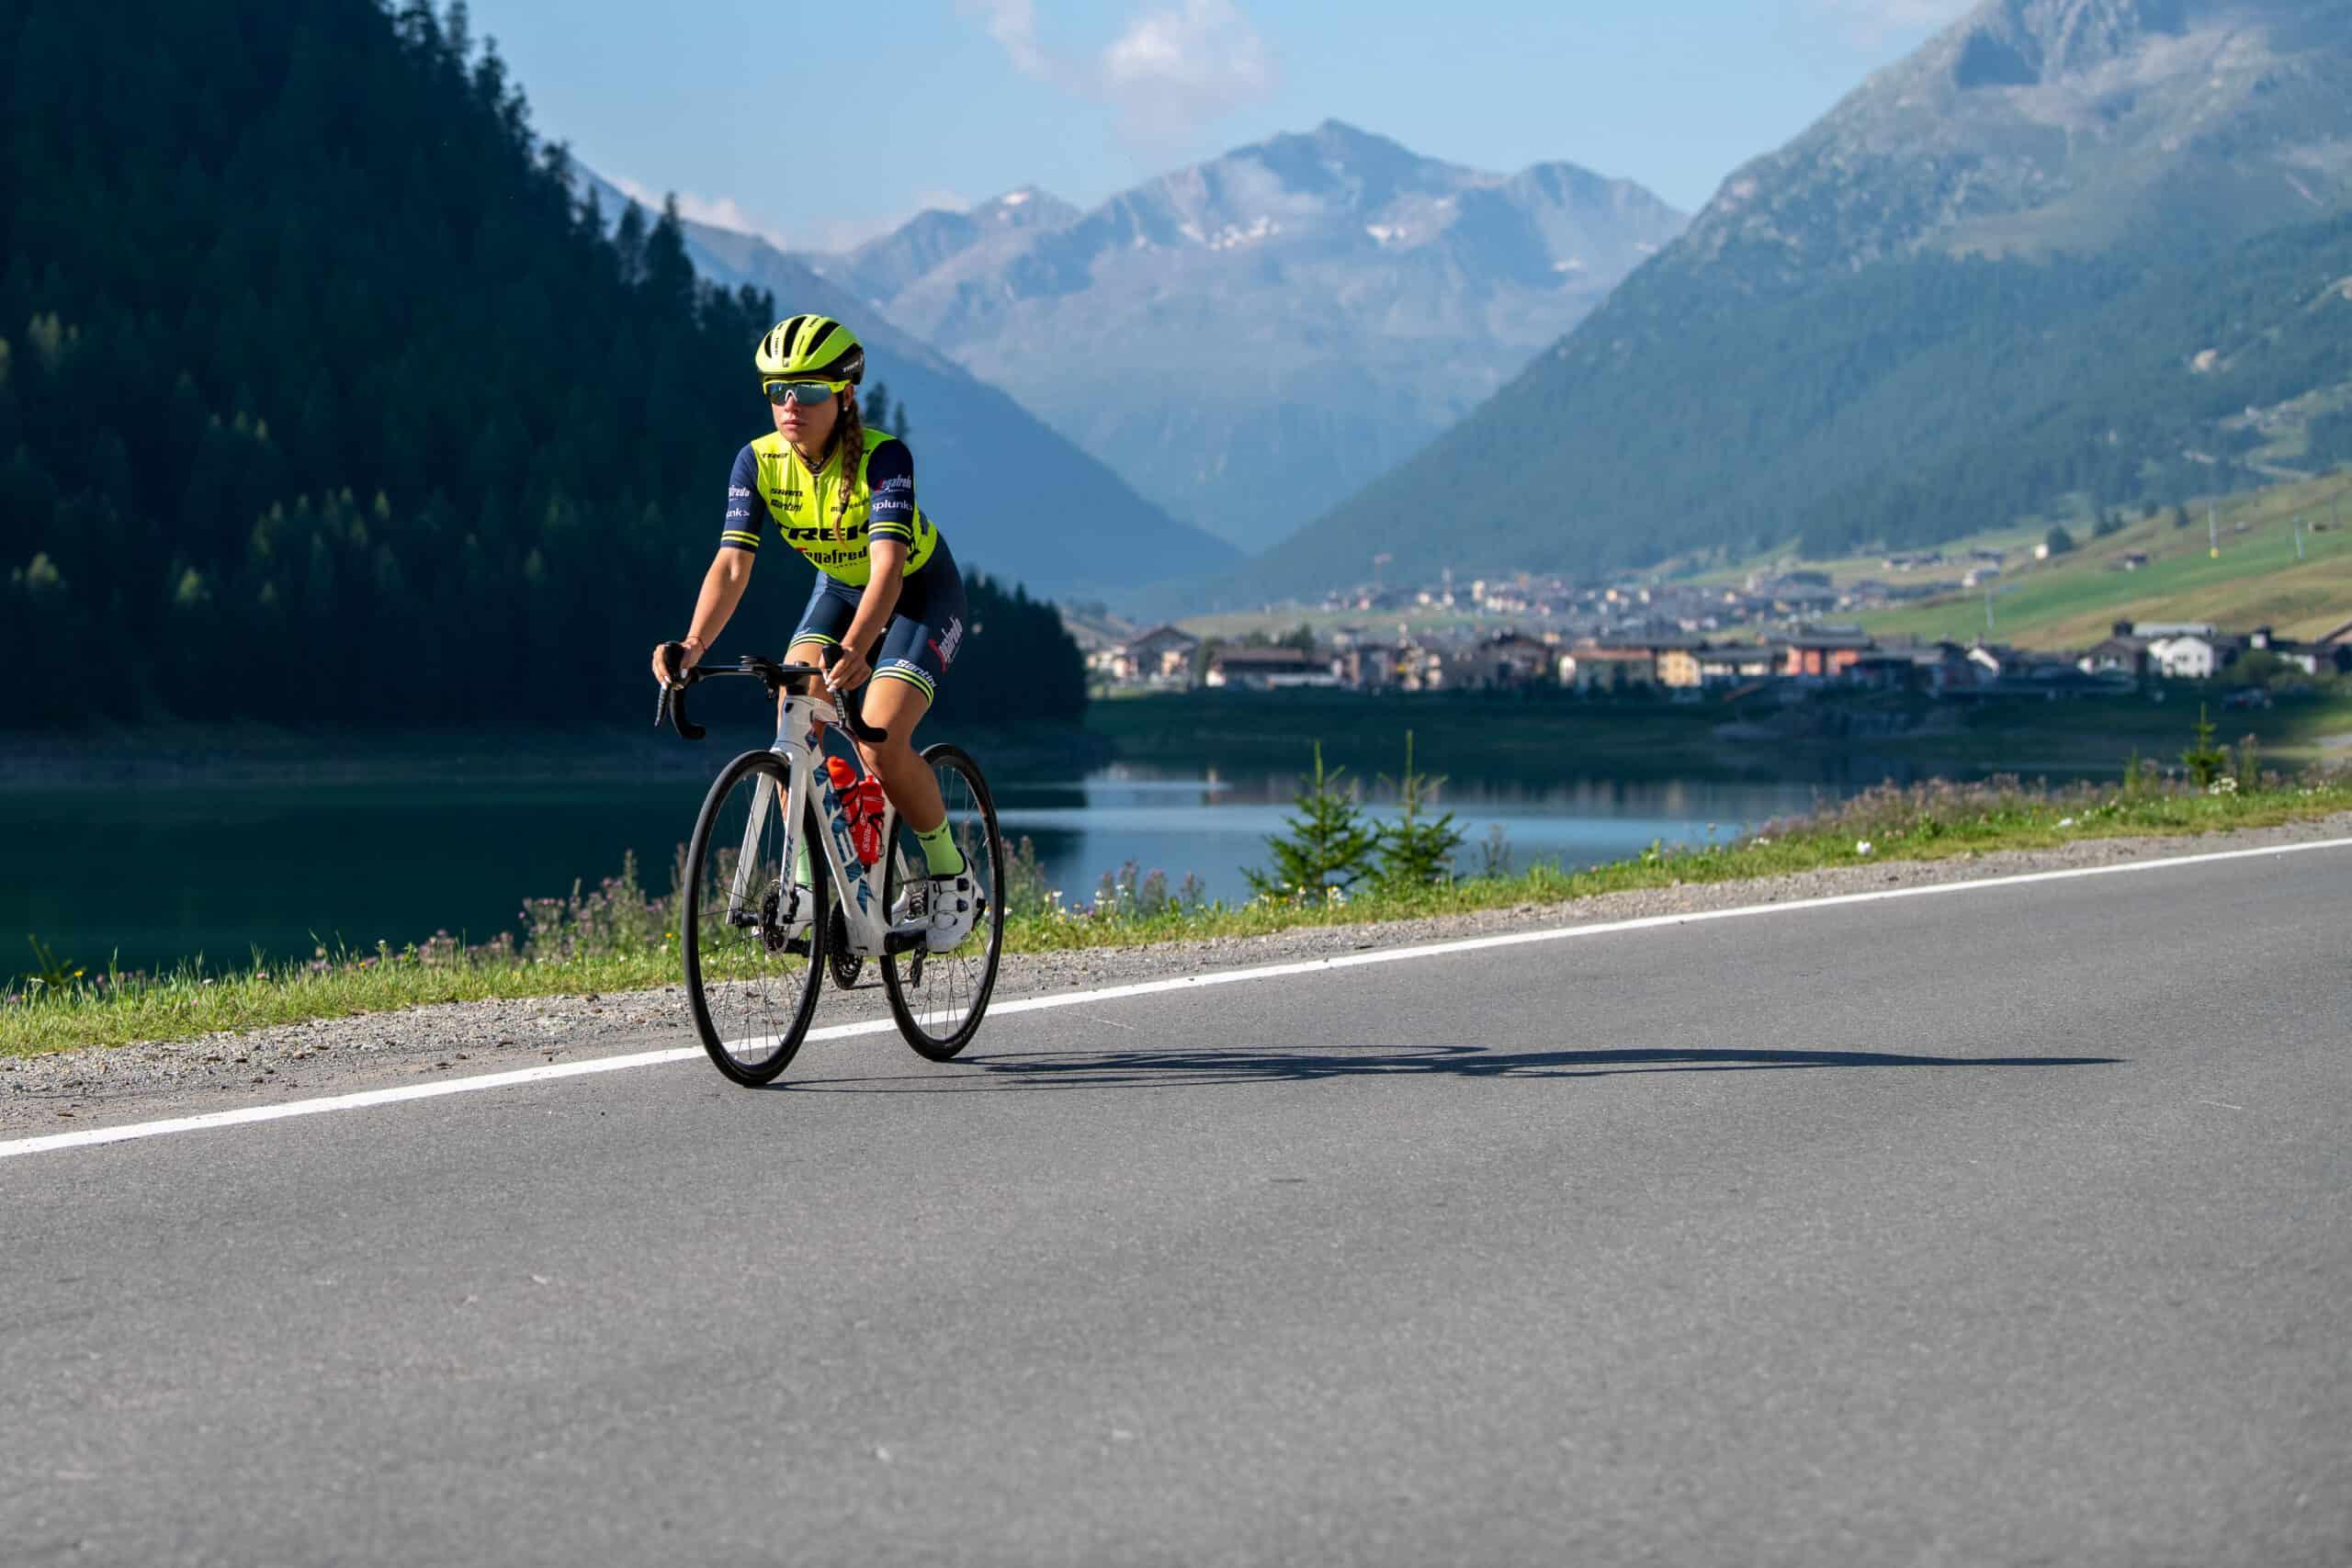 PROGRAMMA ROAD BIKE TOUR A Livigno